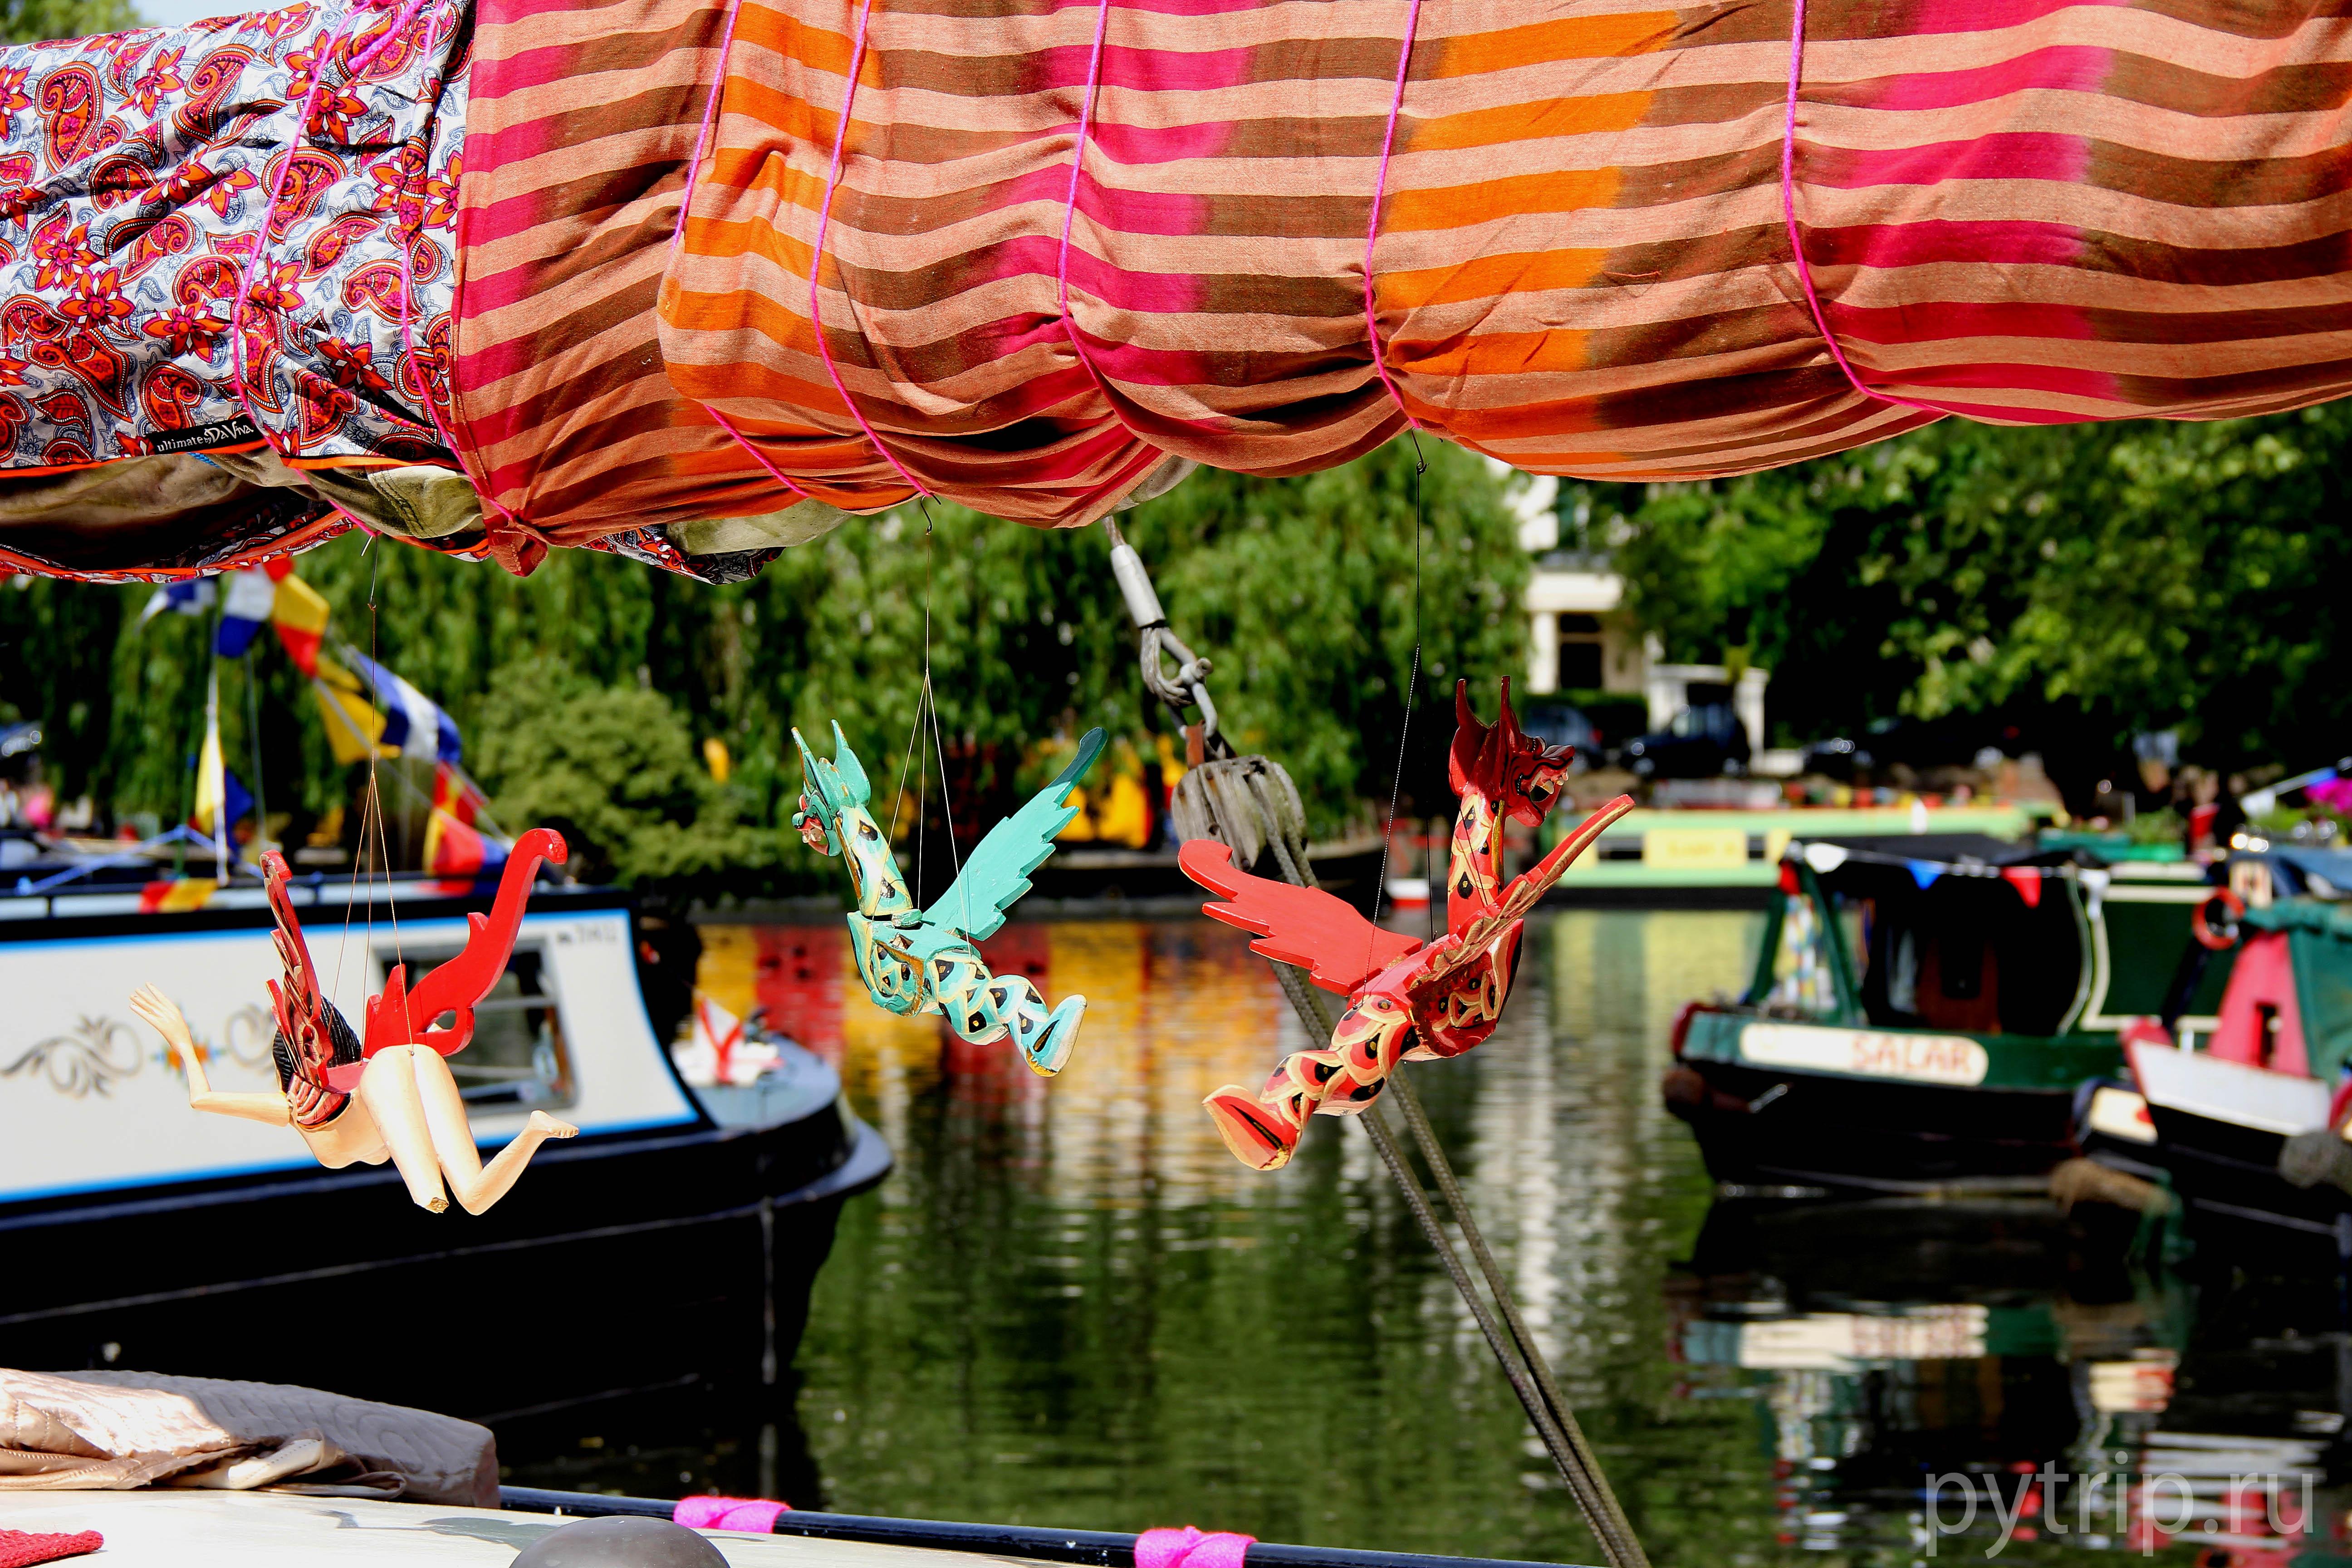 Украшения на лодках очень яркие и красивые.